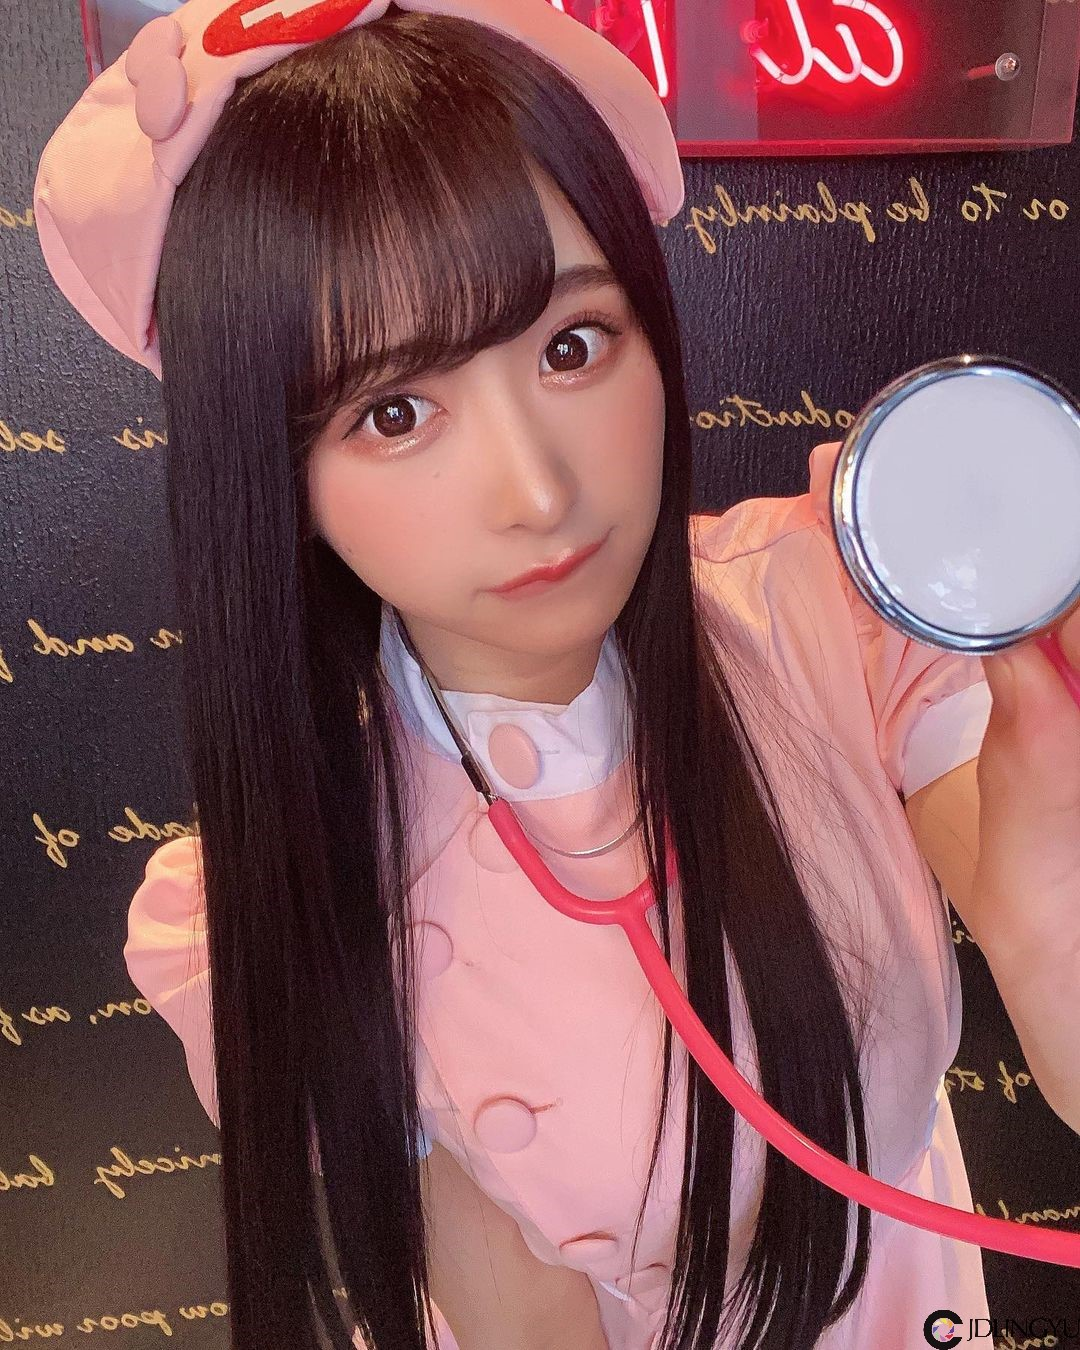 同事这么辣好吗!性感OL「真岛 なおみ」裙子长度超迷你,惹火美腿让人无法专心上班!